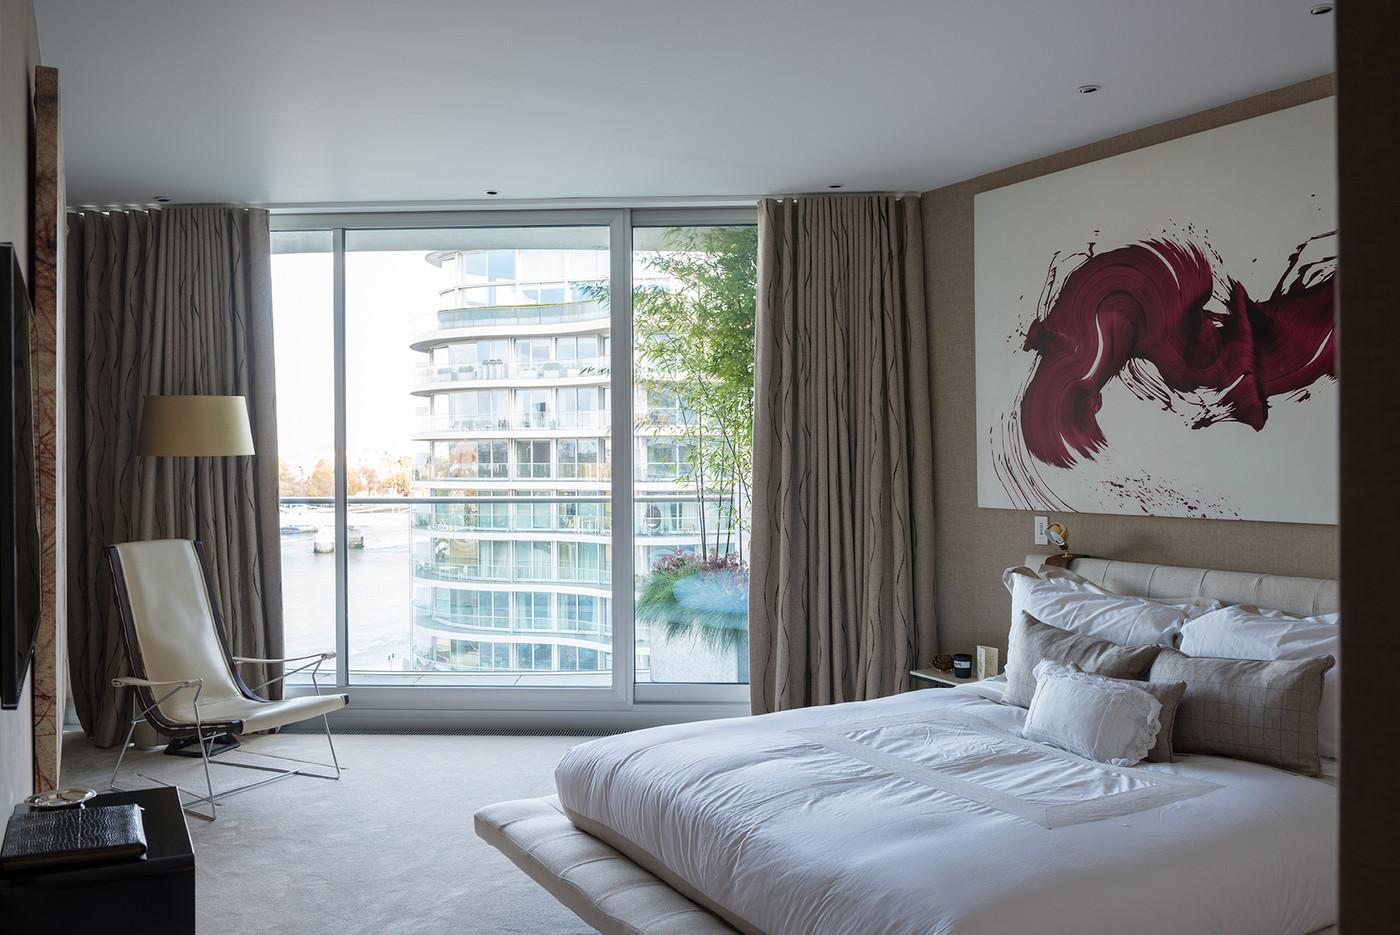 Tara Bernerd's London Apartment